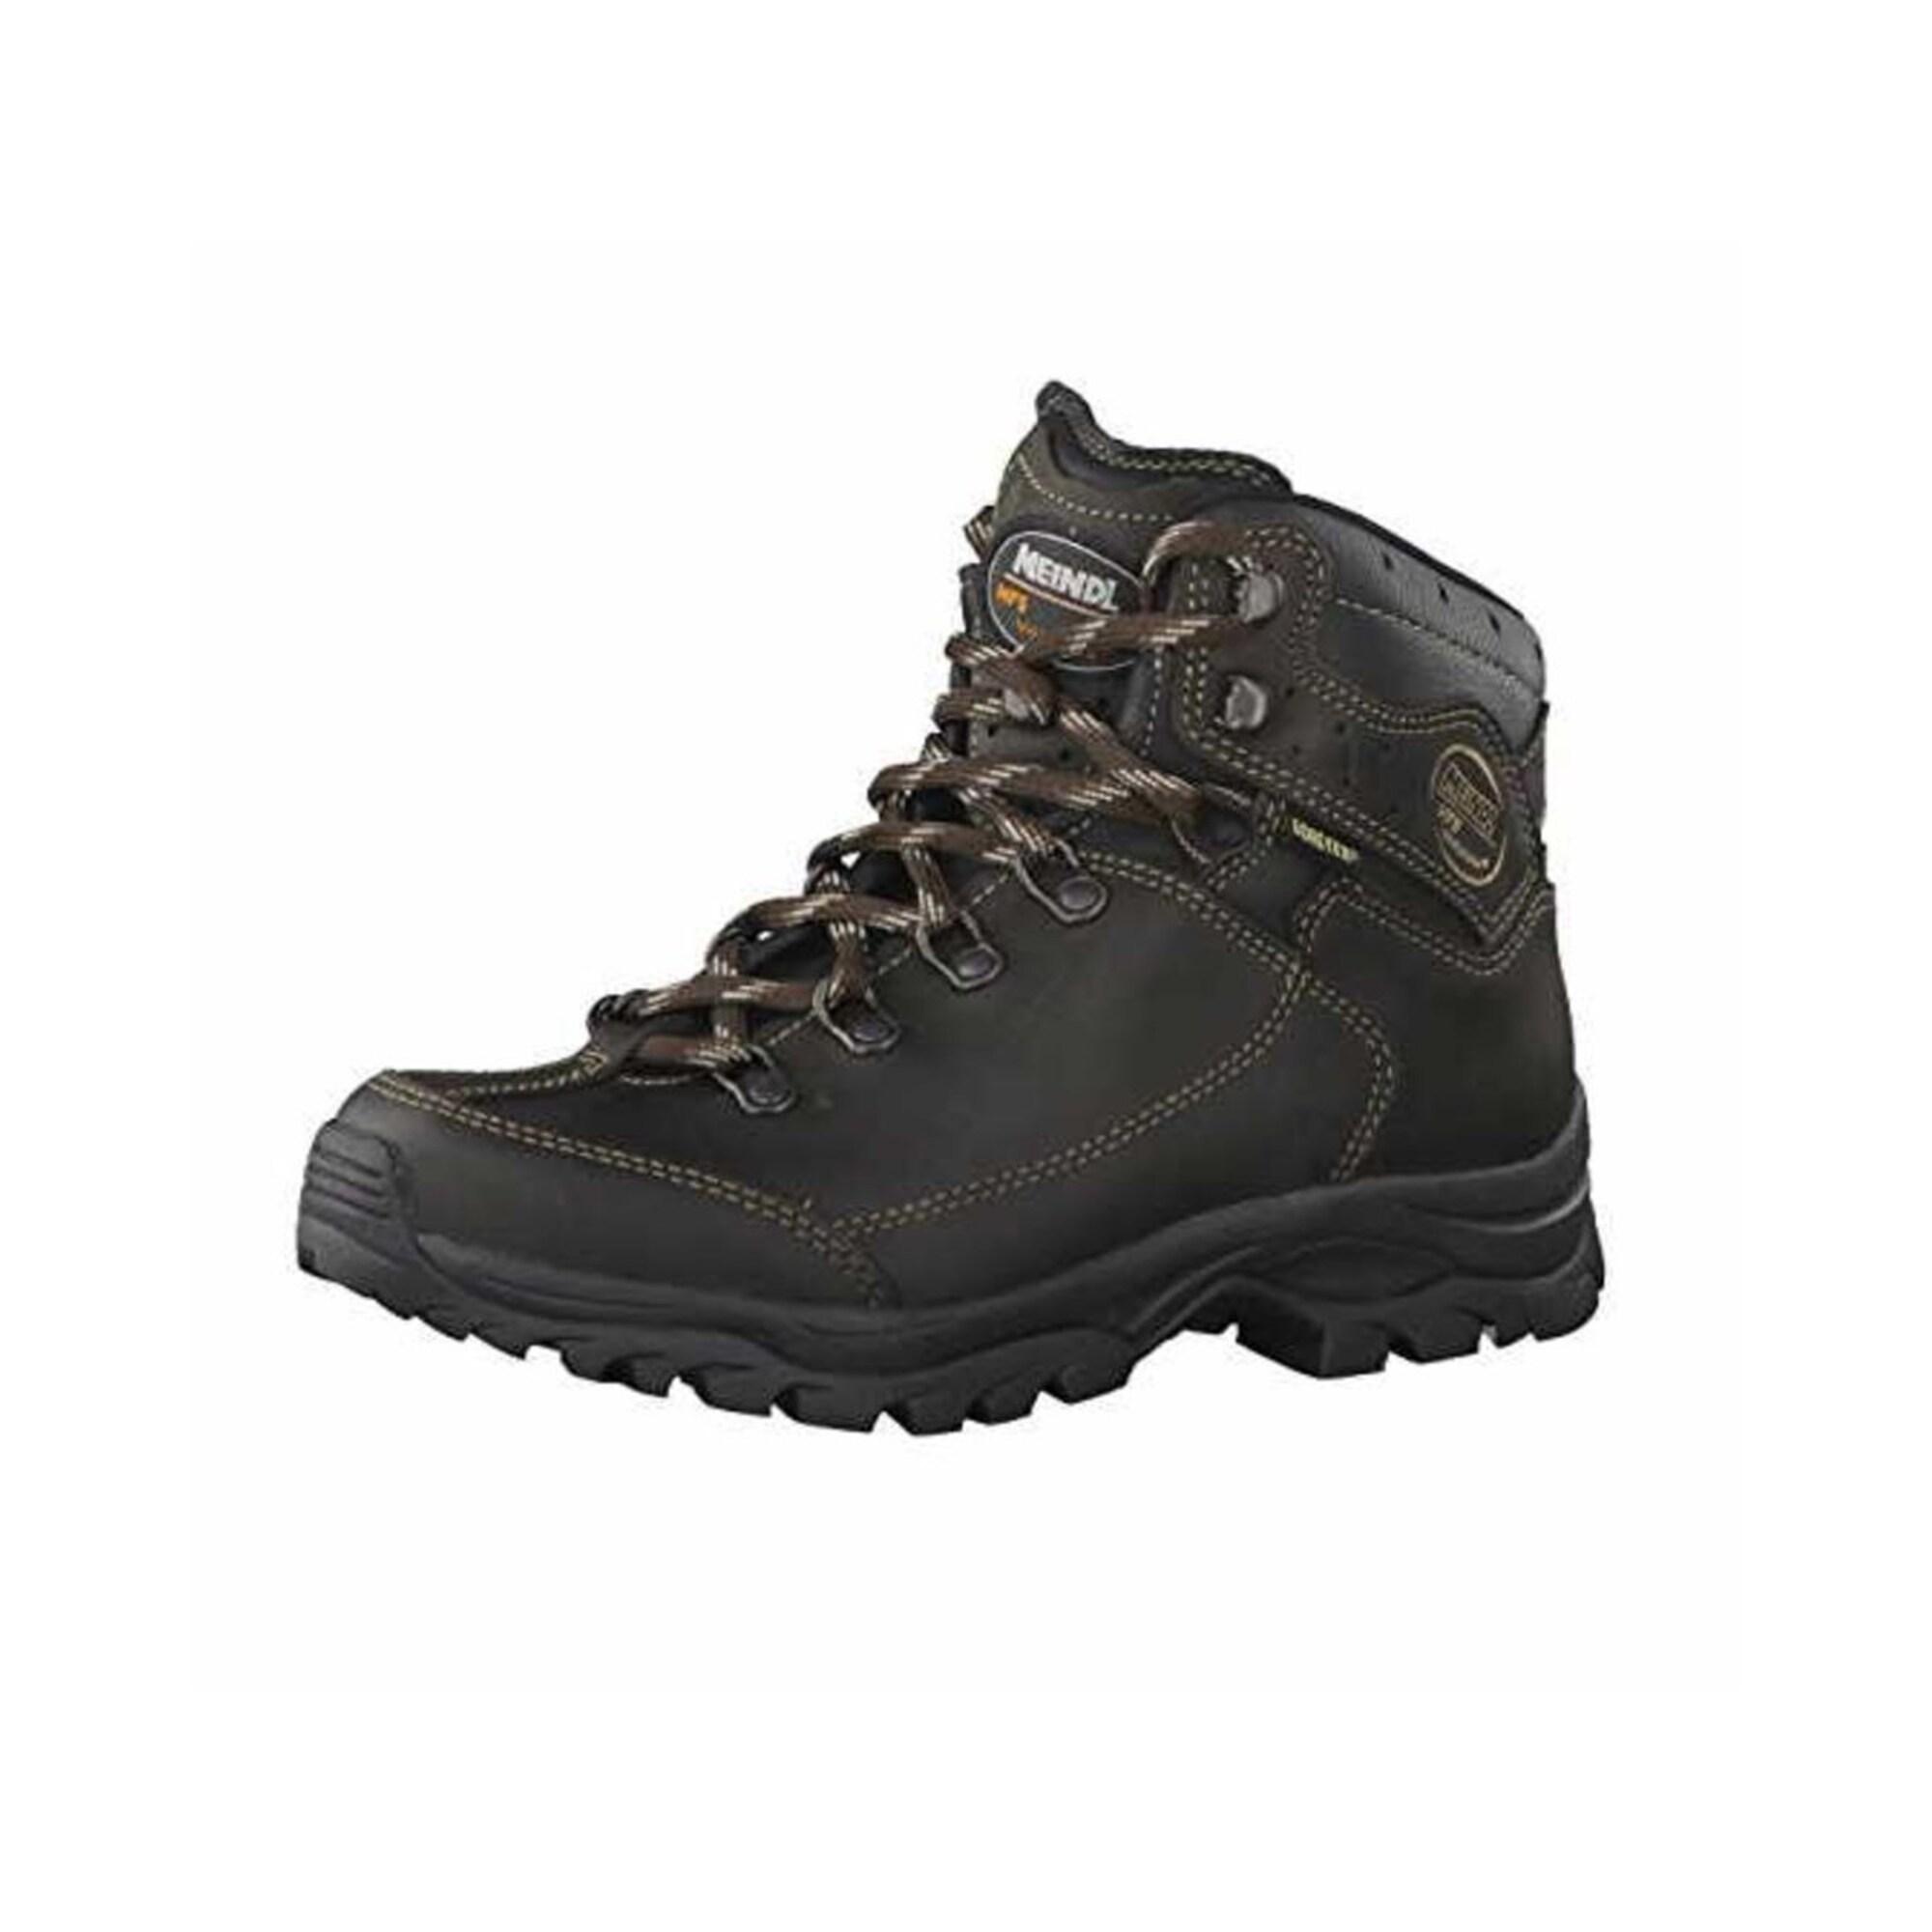 Outdoorschuhe | Schuhe > Outdoorschuhe > Wanderschuhe | MEINDL